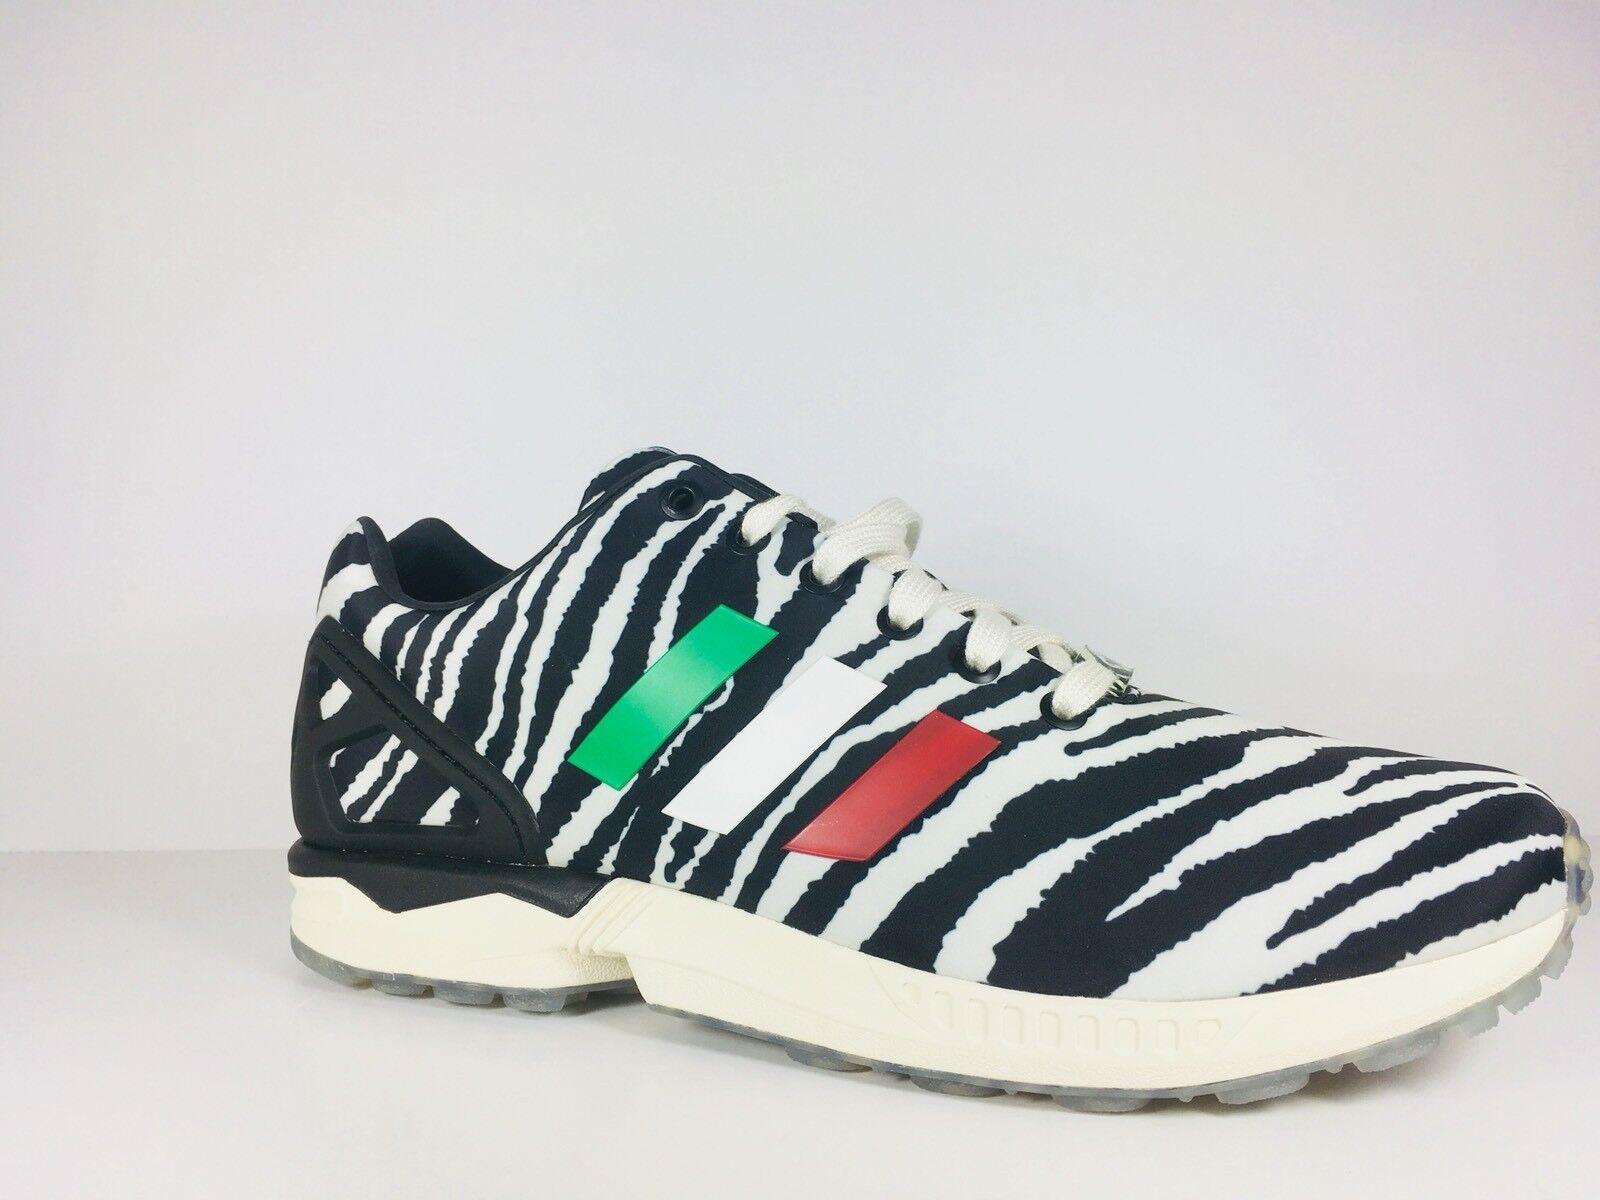 adidas zx b32741 zèbre italia independant de de de flux taille 10 la livraison gratuite!   Dans Un Style élégant  1e51e0